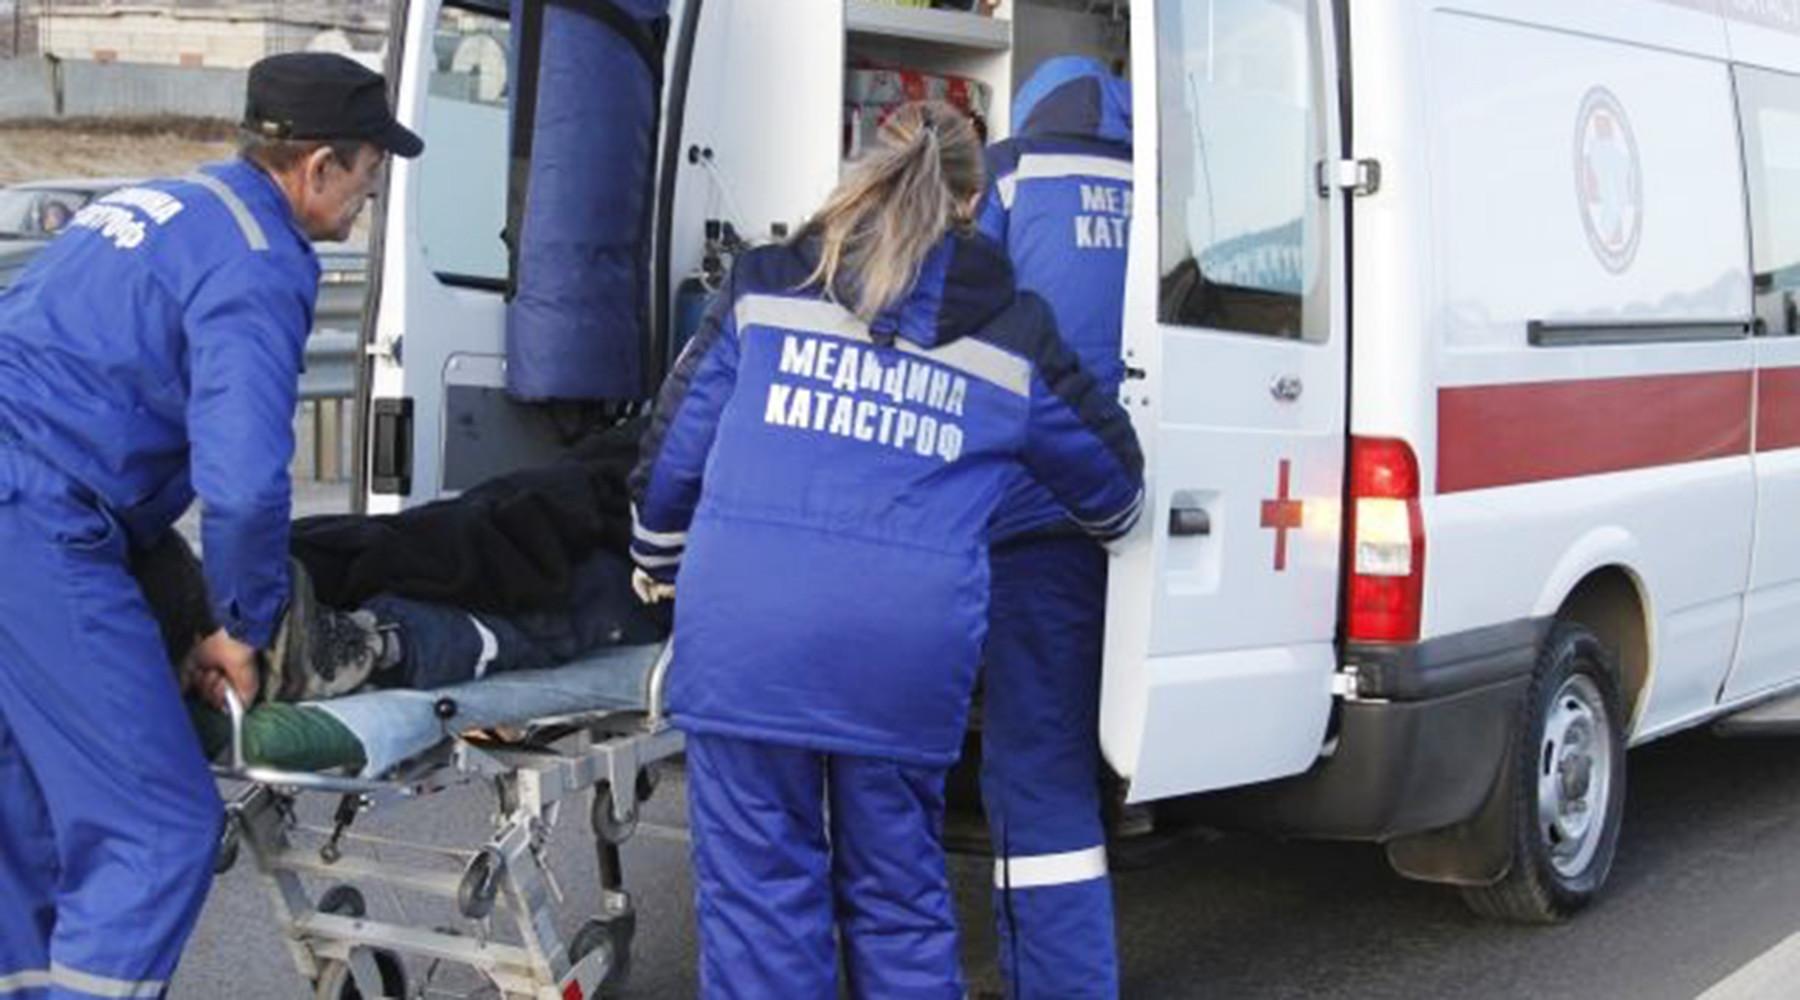 Уголовное дело возбуждено по факту катастрофы самолёта Ан-26 под Саратовом